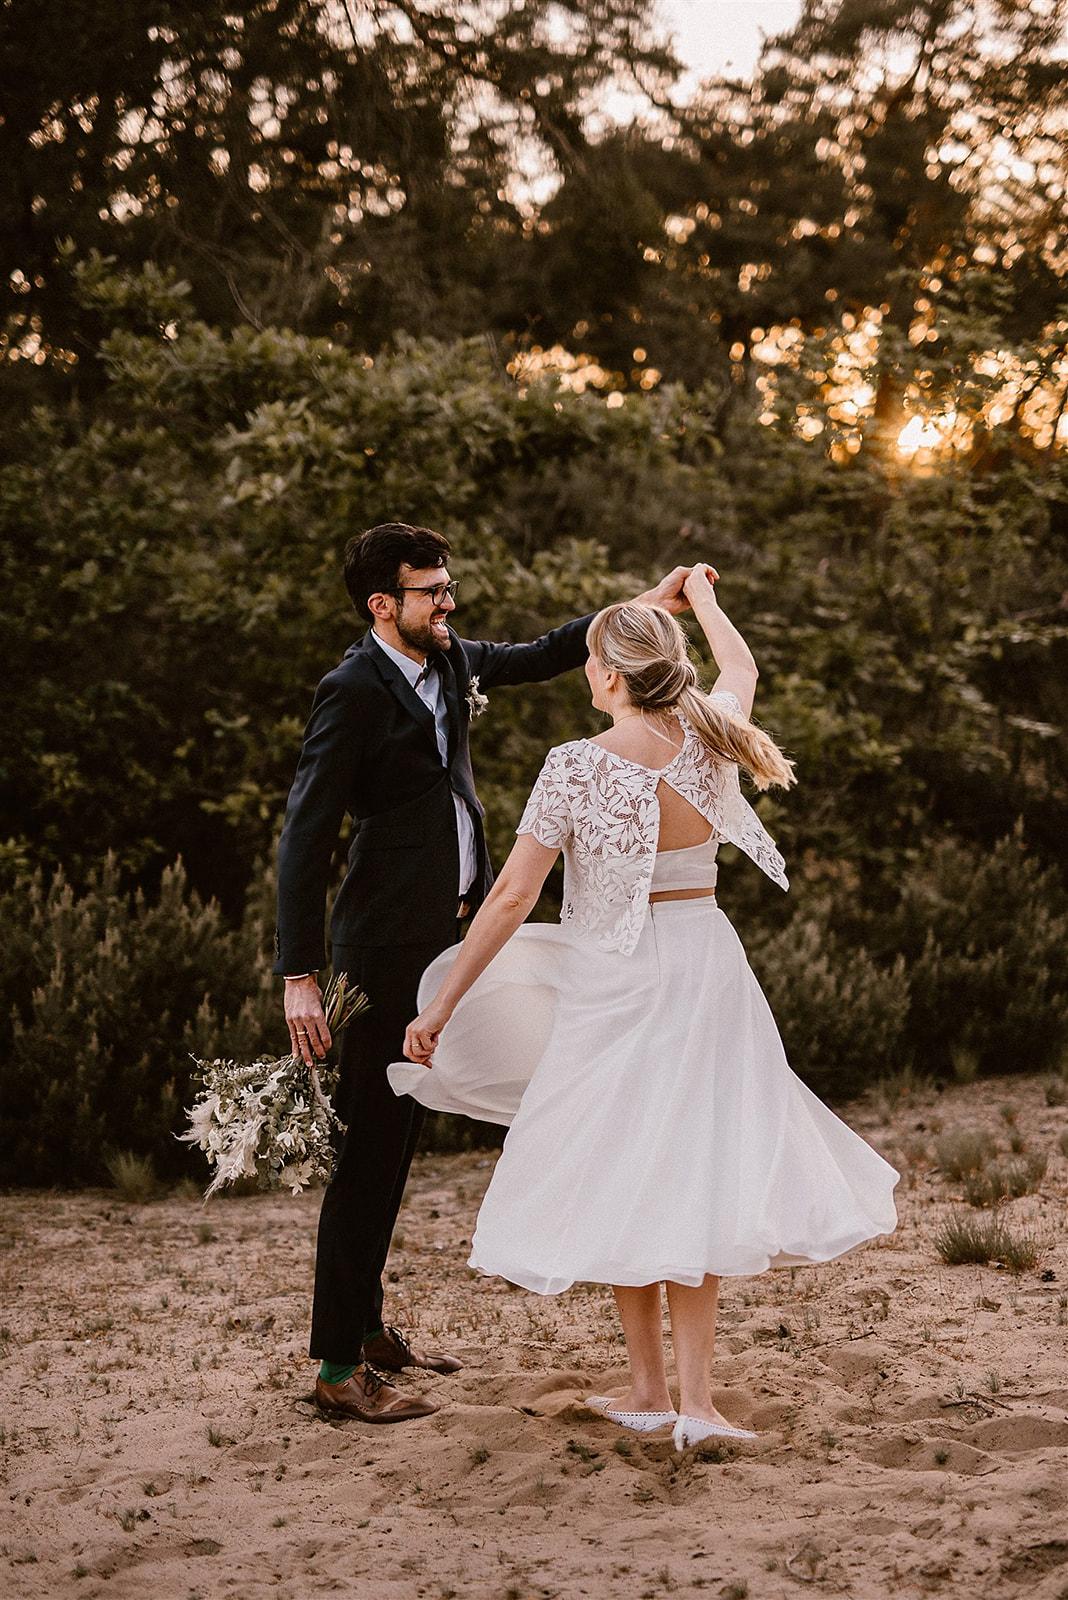 Brautpaar vor ländlicher Kulisse, tanzend